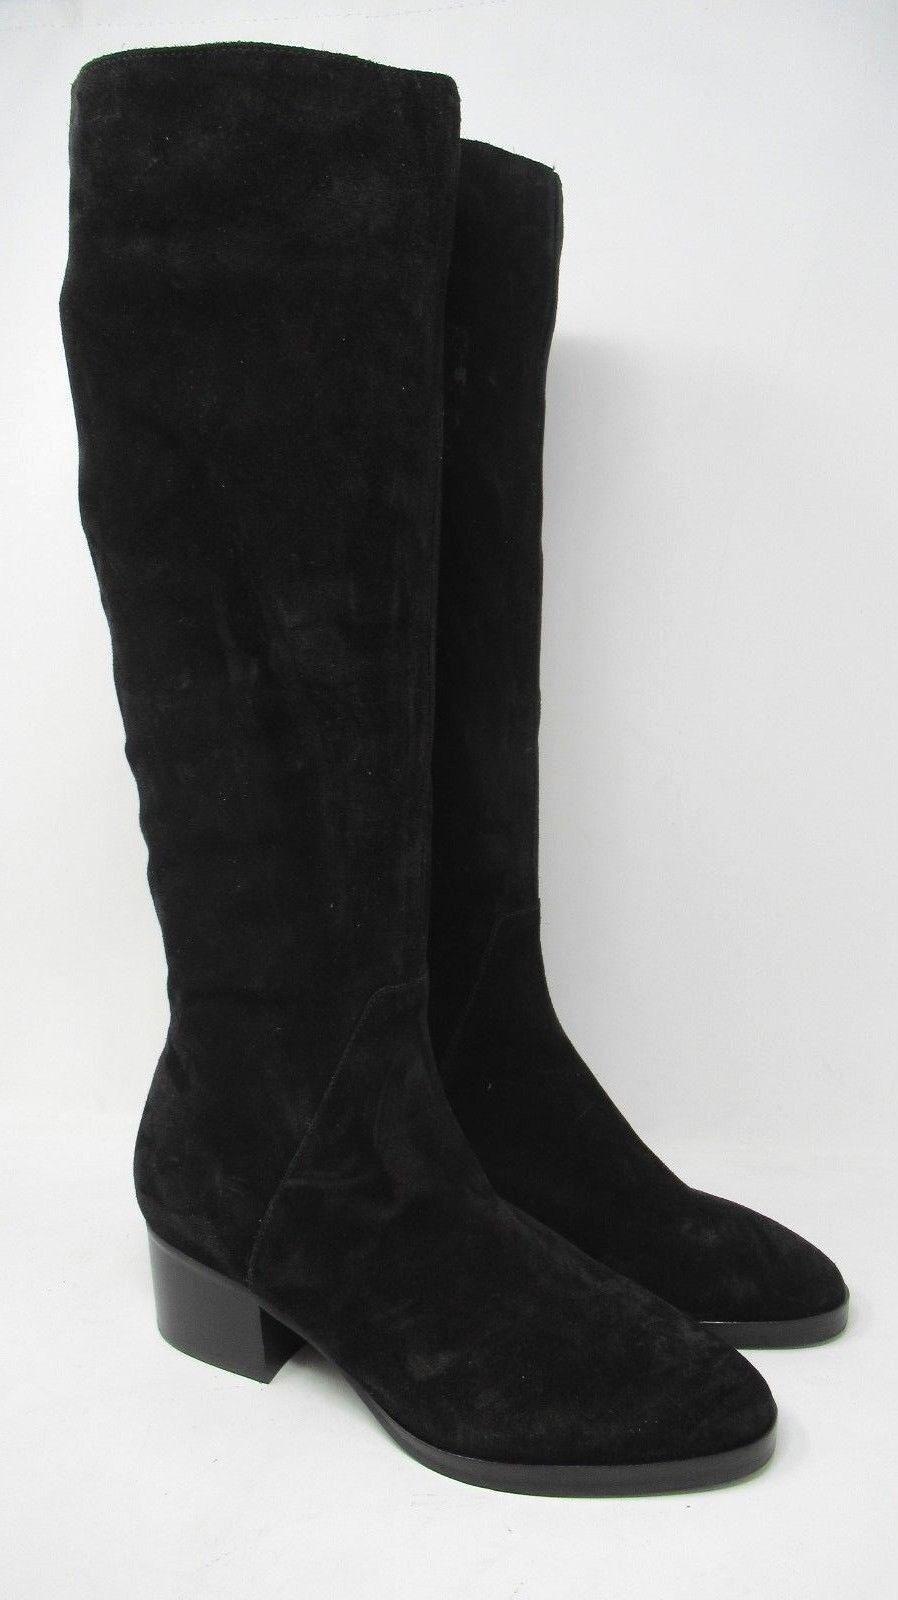 Via Spiga Damen Odella Kniehoher Stiefel Stiefel Stiefel Schwarz - 5.5 Neu  niedriger Preis von 40%